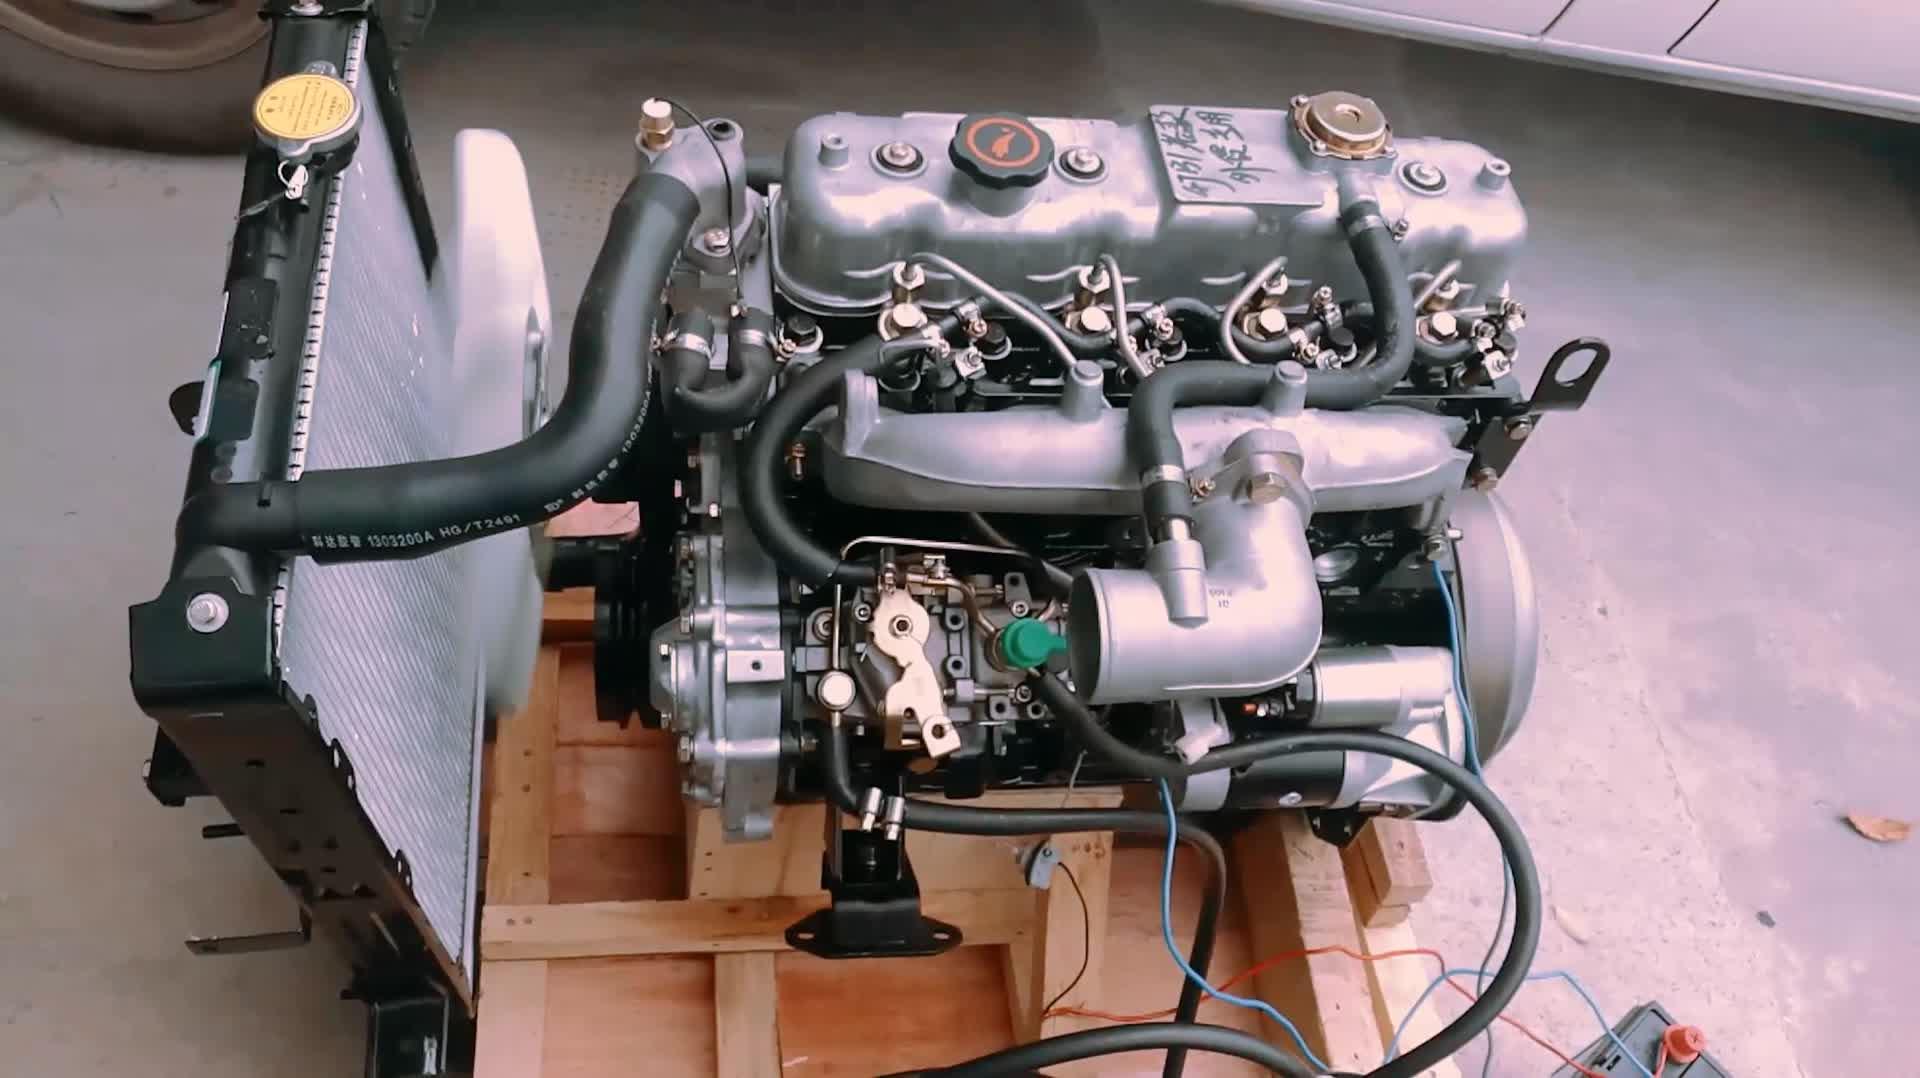 高品質低価格モーター 4jb1for モーターいすゞ 4jb1 ターボ jmc いすゞ 4jb1 エンジン 57kw のためトラックピックアップ発電機使用